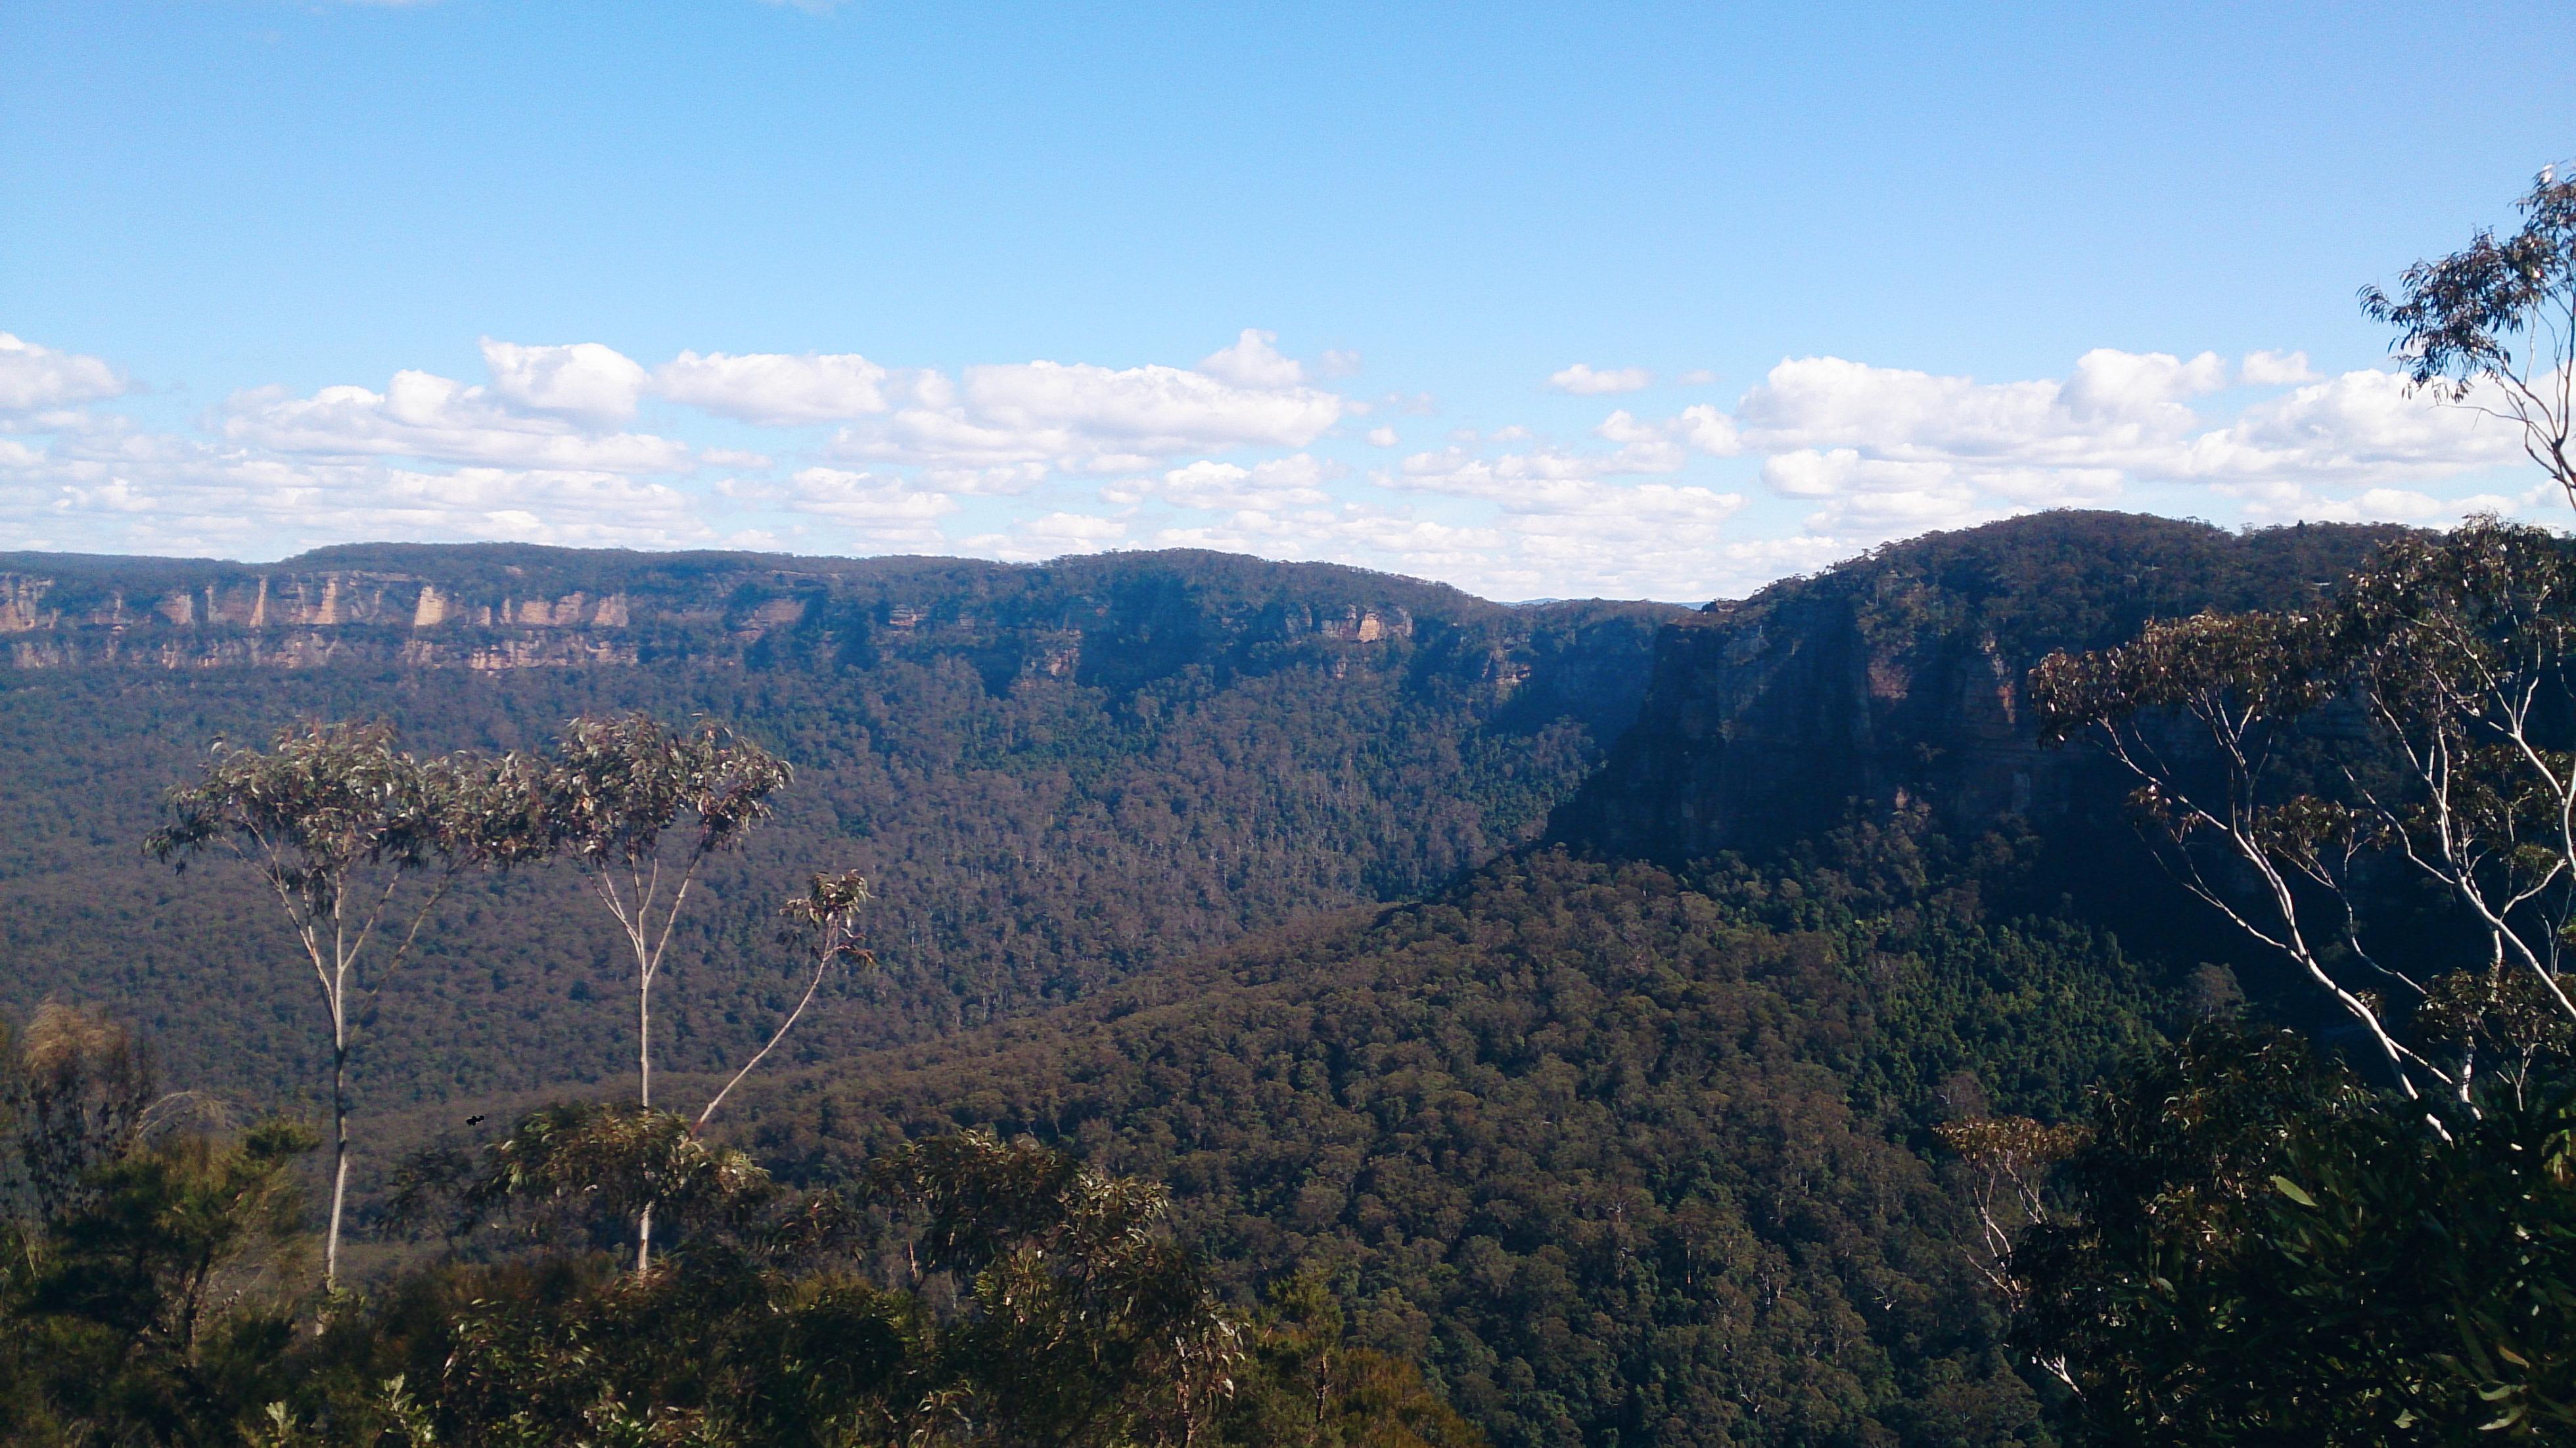 Blue Mountains lookout NSW Australia